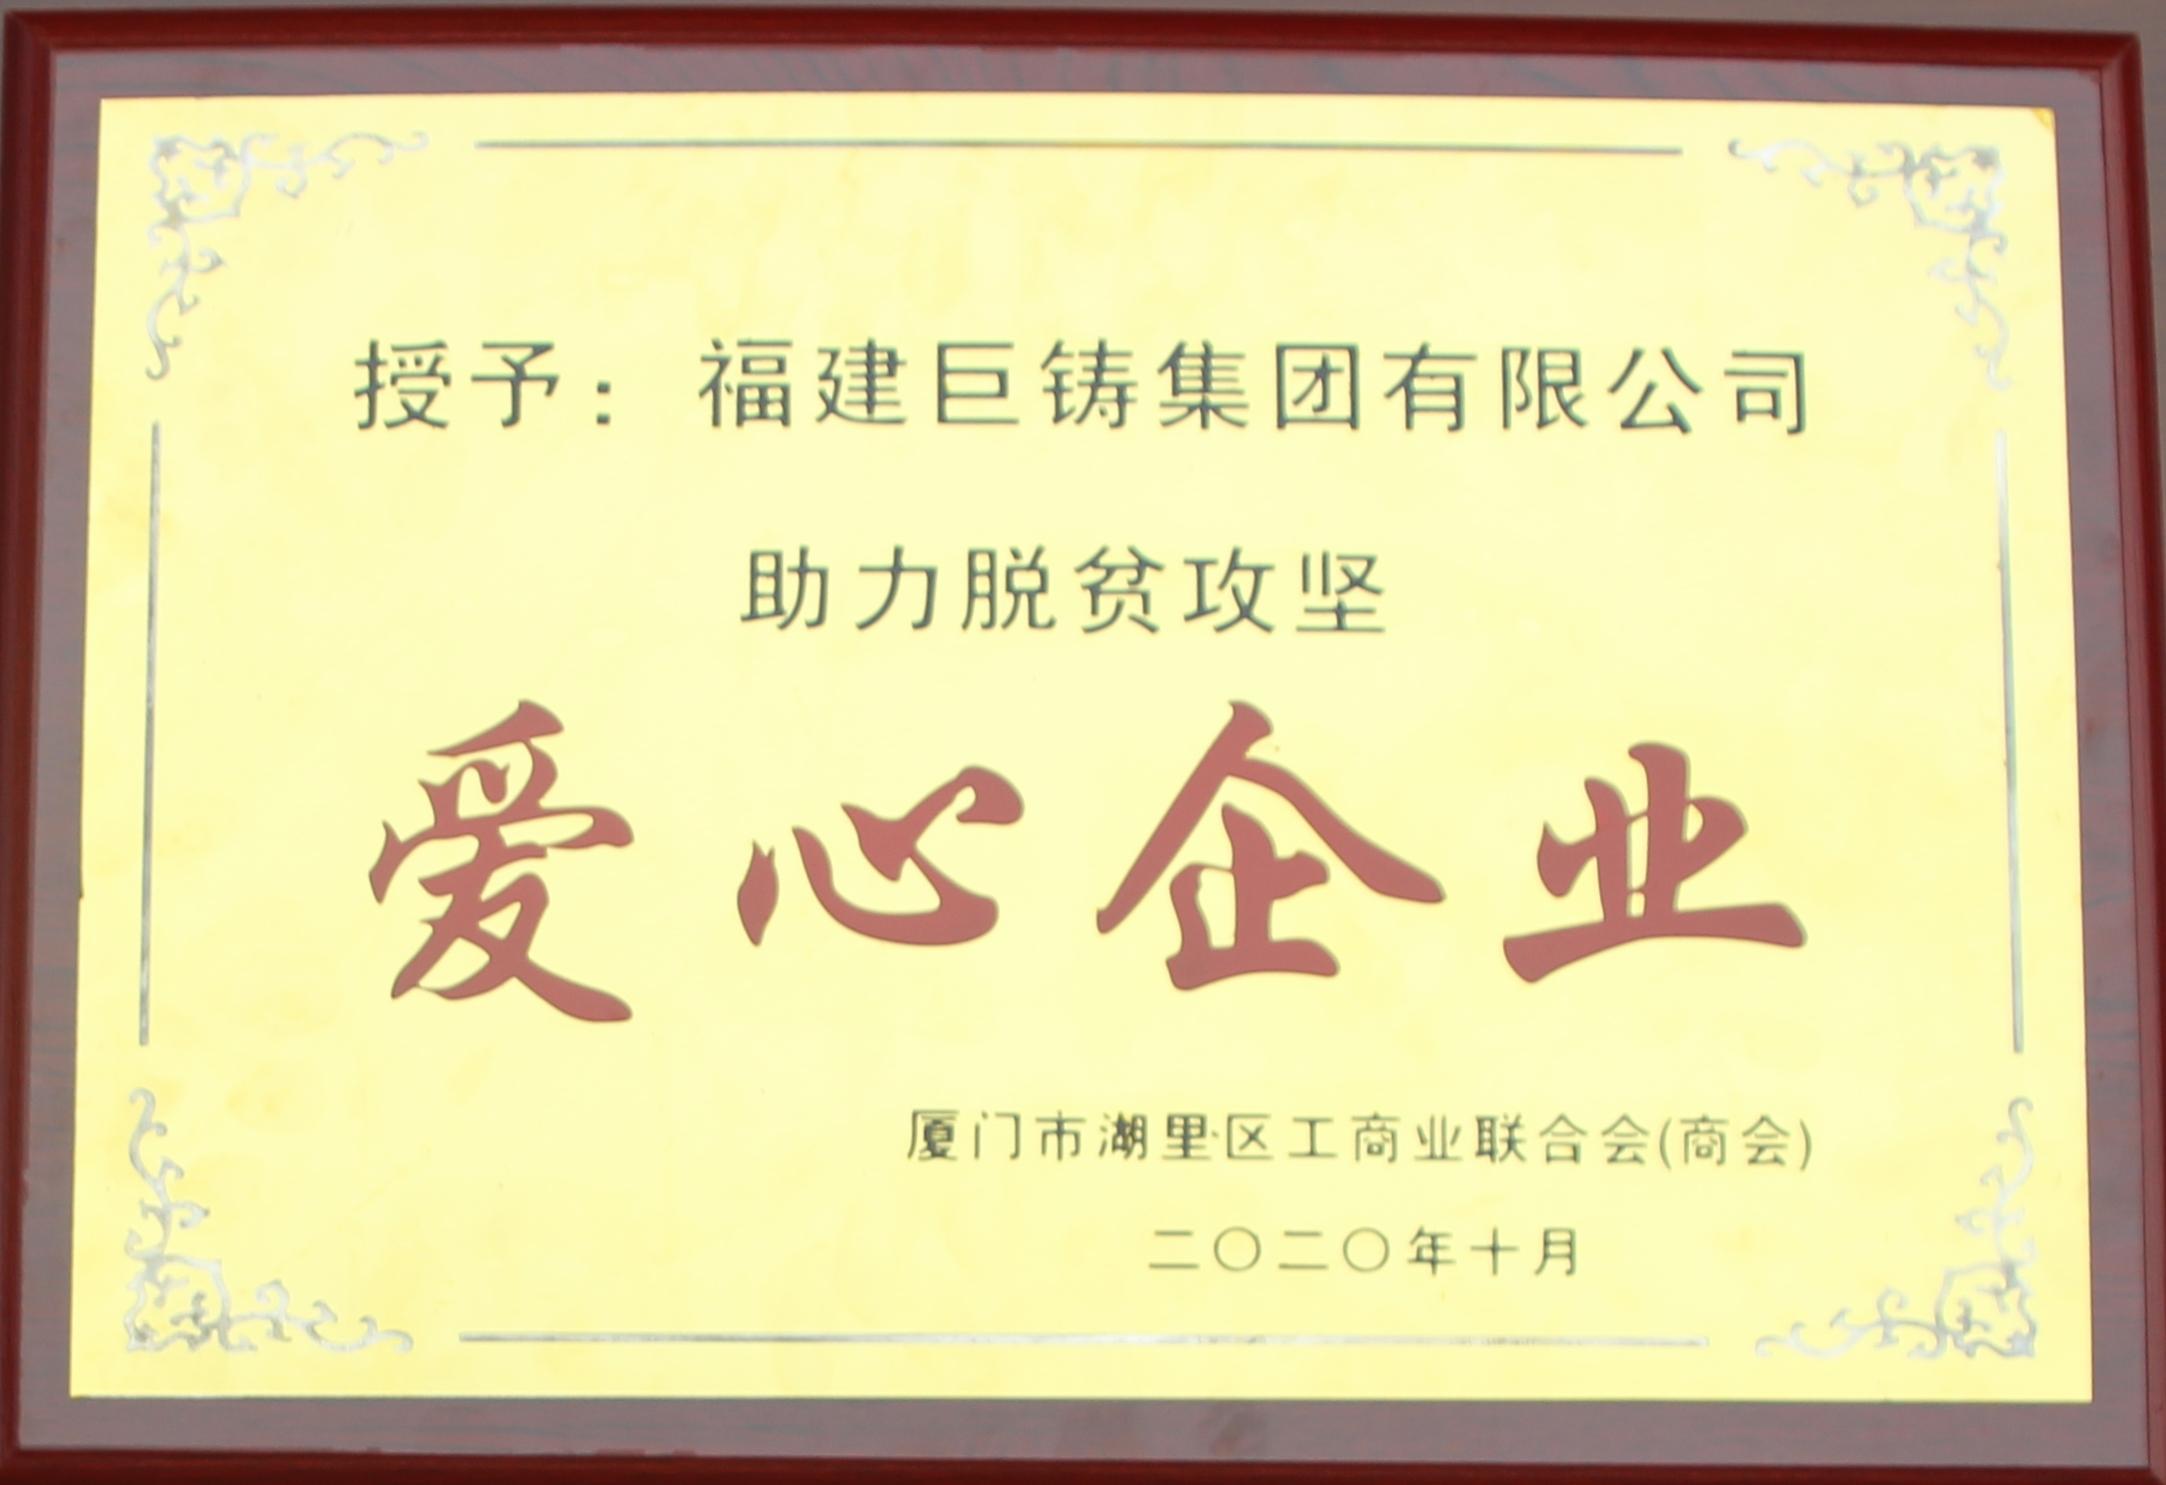 """【喜讯】福建巨铸集团被厦门市湖里区工商联授予""""助力脱贫攻坚--爱心企业""""荣誉"""